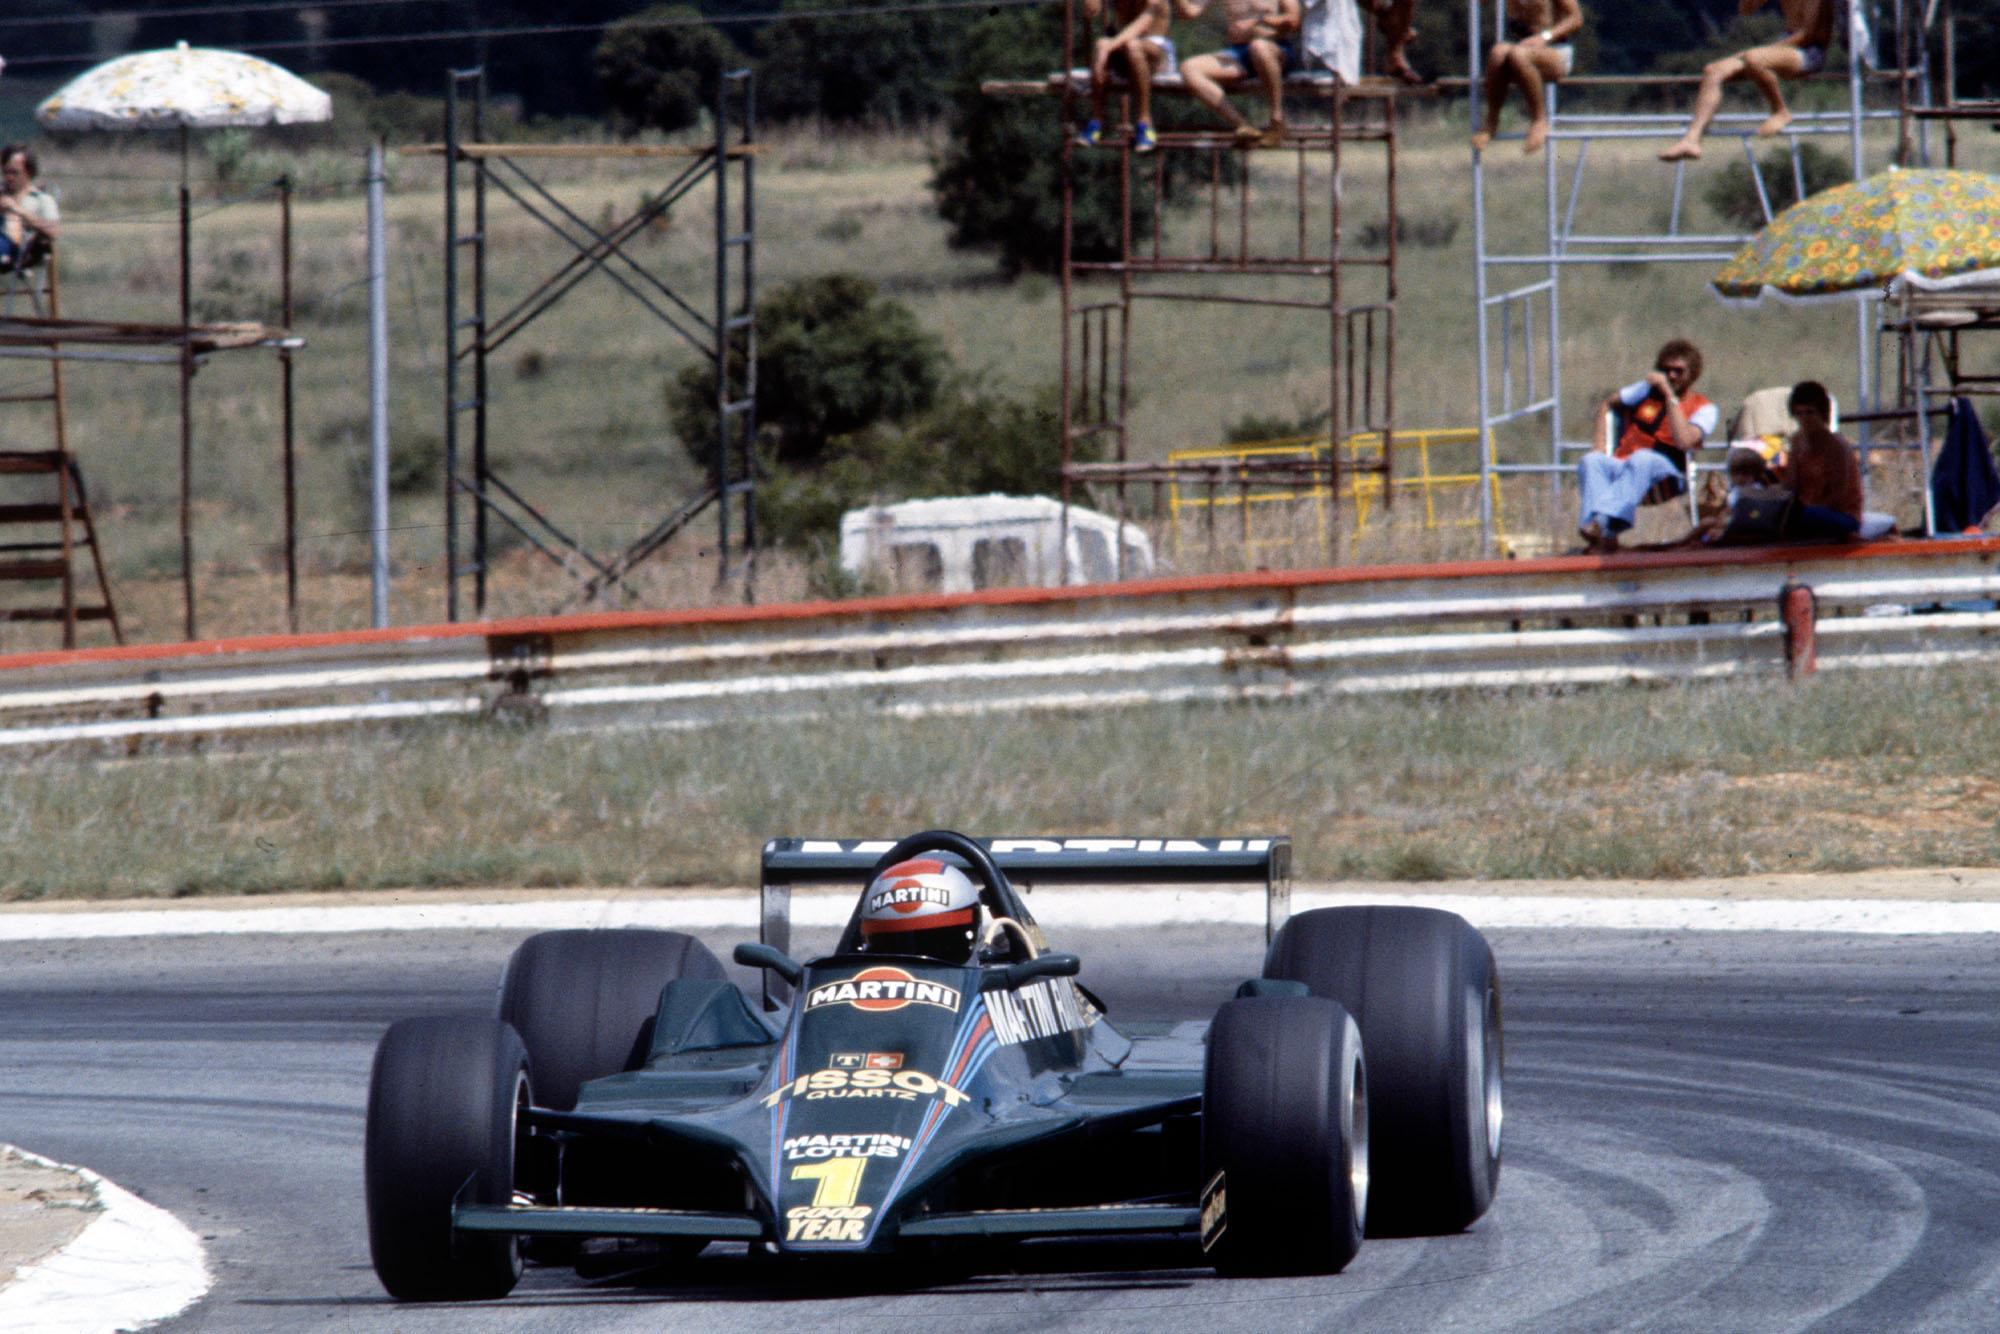 Mario Andretti (Lotus) driving at the 1979 South African Grand Prix, Kyalami.